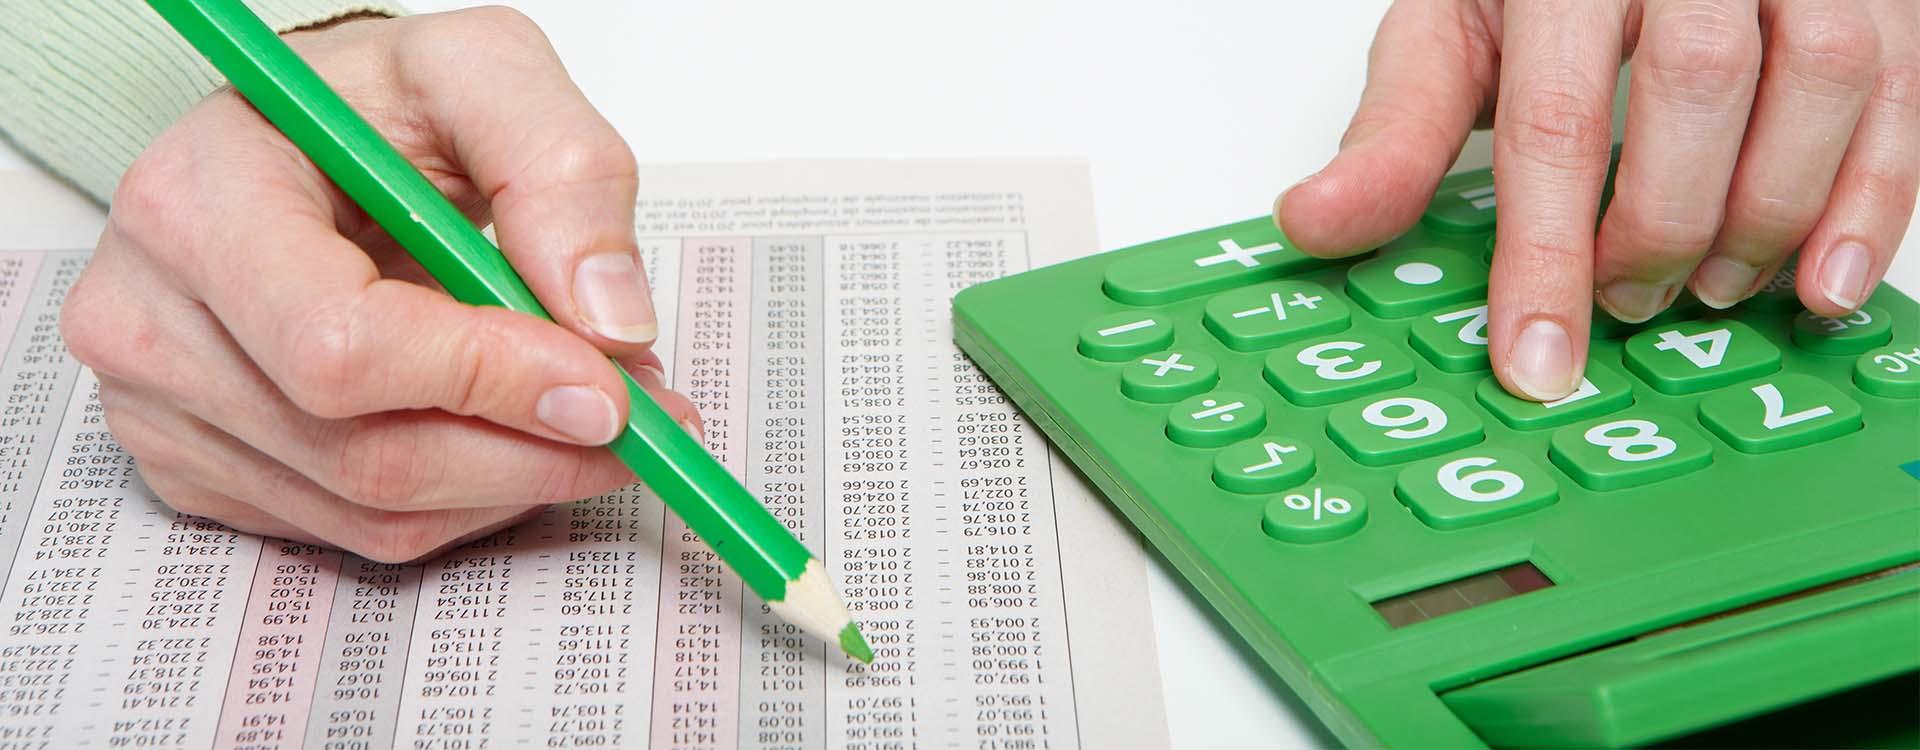 Как решить жилищный вопрос при банкротстве банка или застройщика